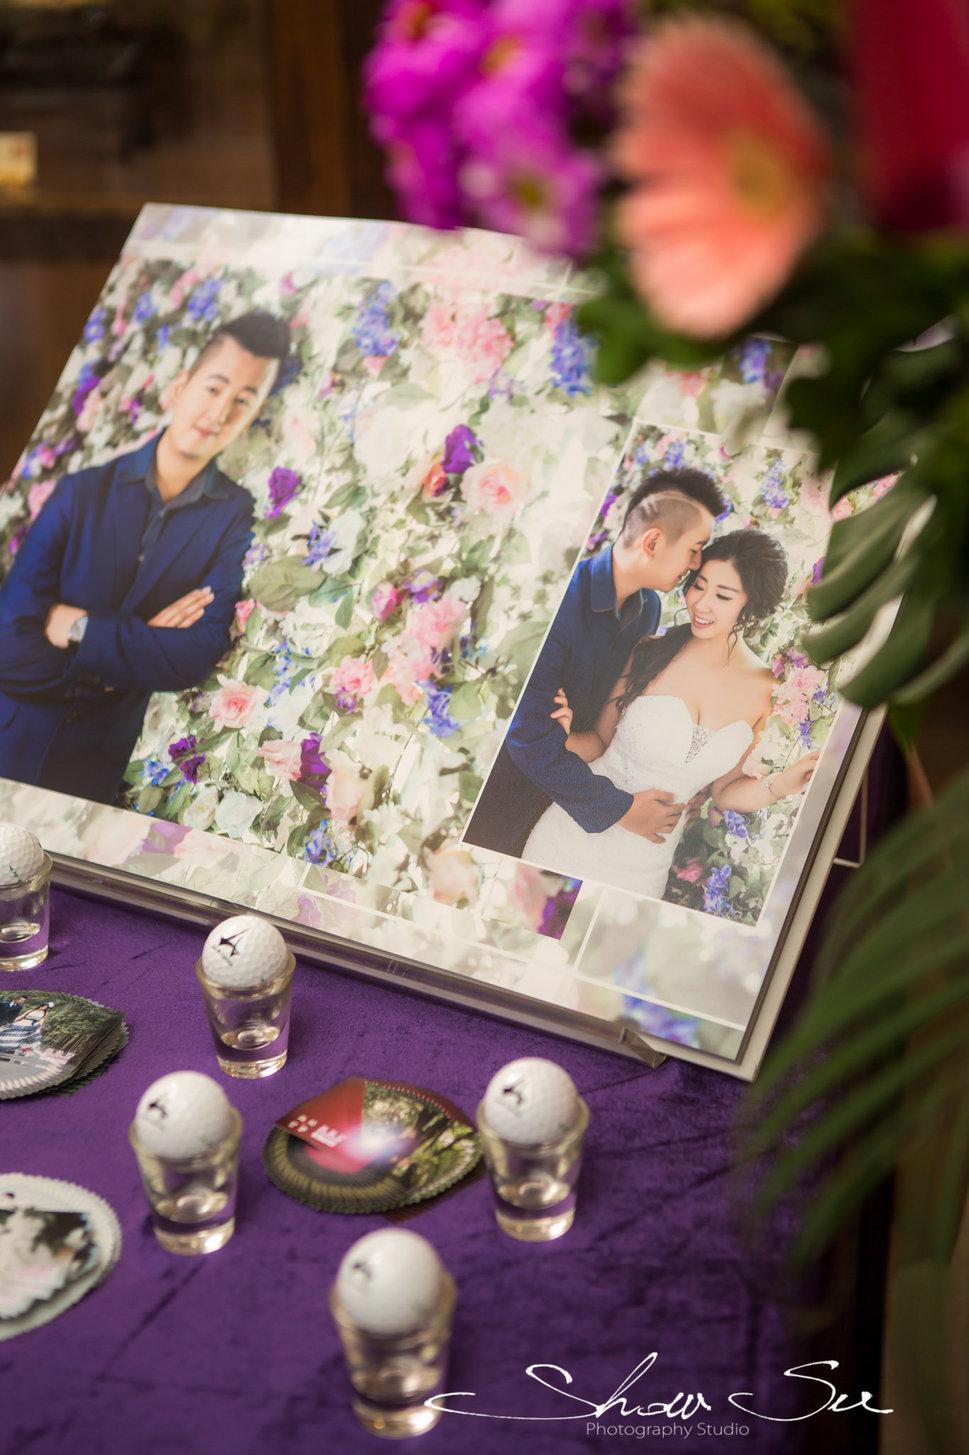 [婚攝] Leo & Carissa│桃園@響悅花園會館│婚禮紀錄(編號:549997) - Show Su Photography - 結婚吧一站式婚